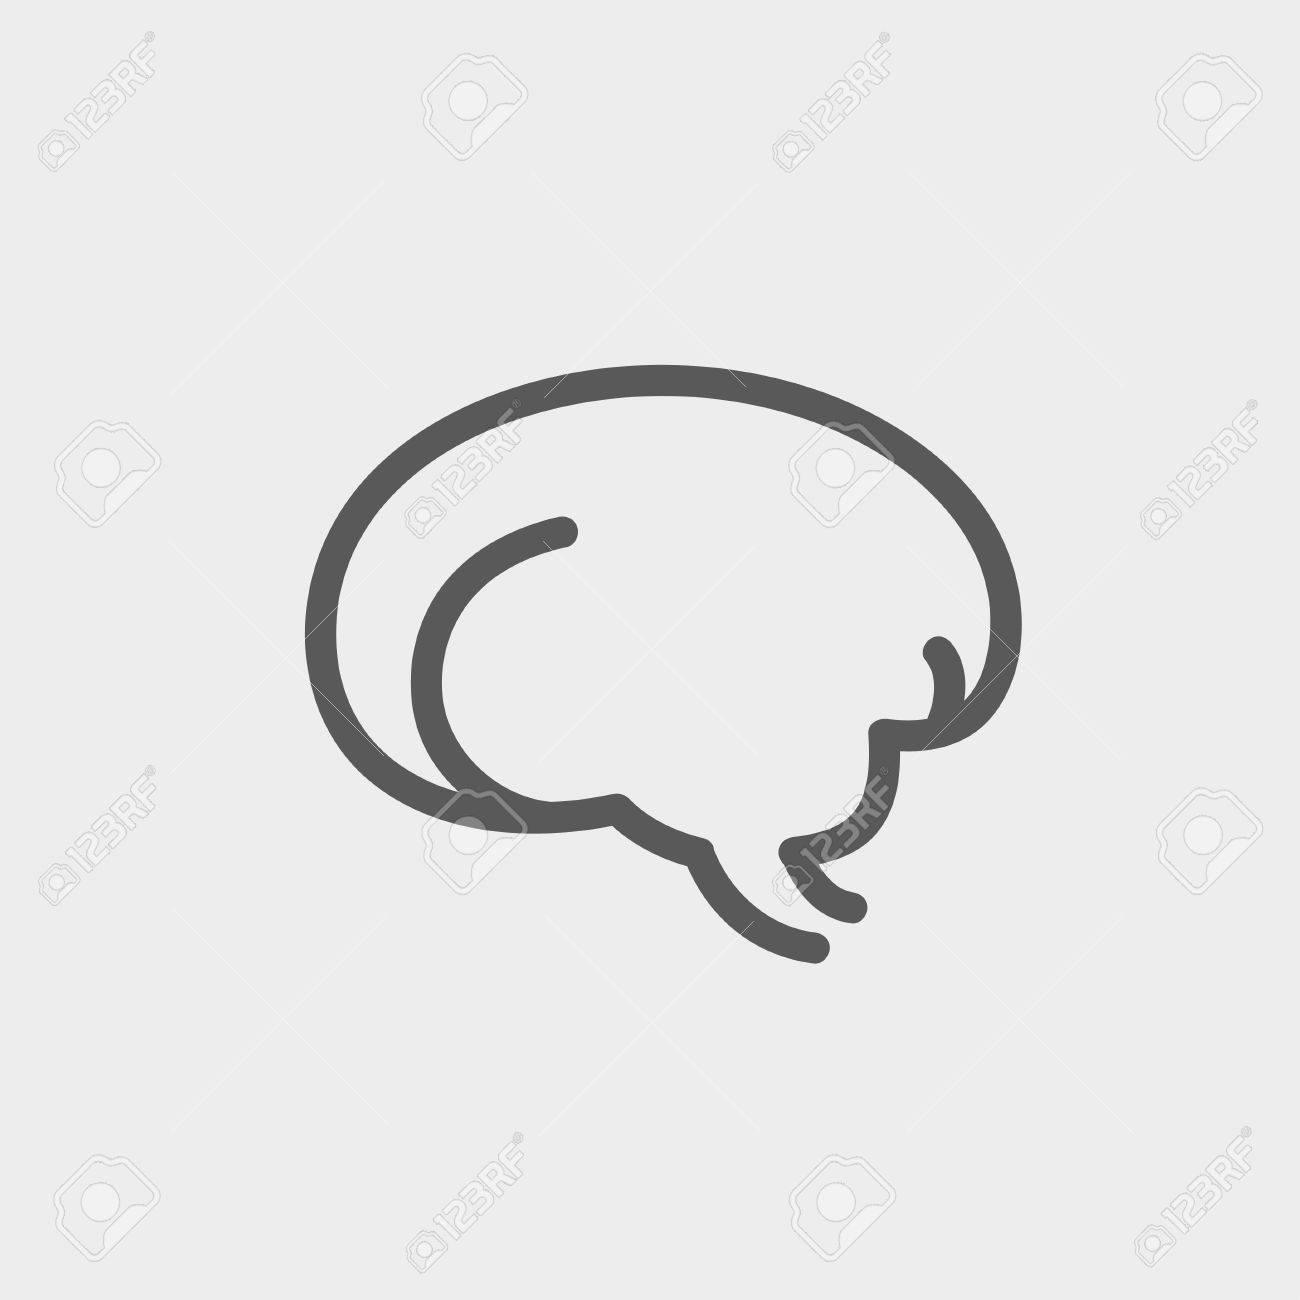 Icono Cerebro Delgada Línea Humano Para Web Y Móvil, Diseño Plano ...